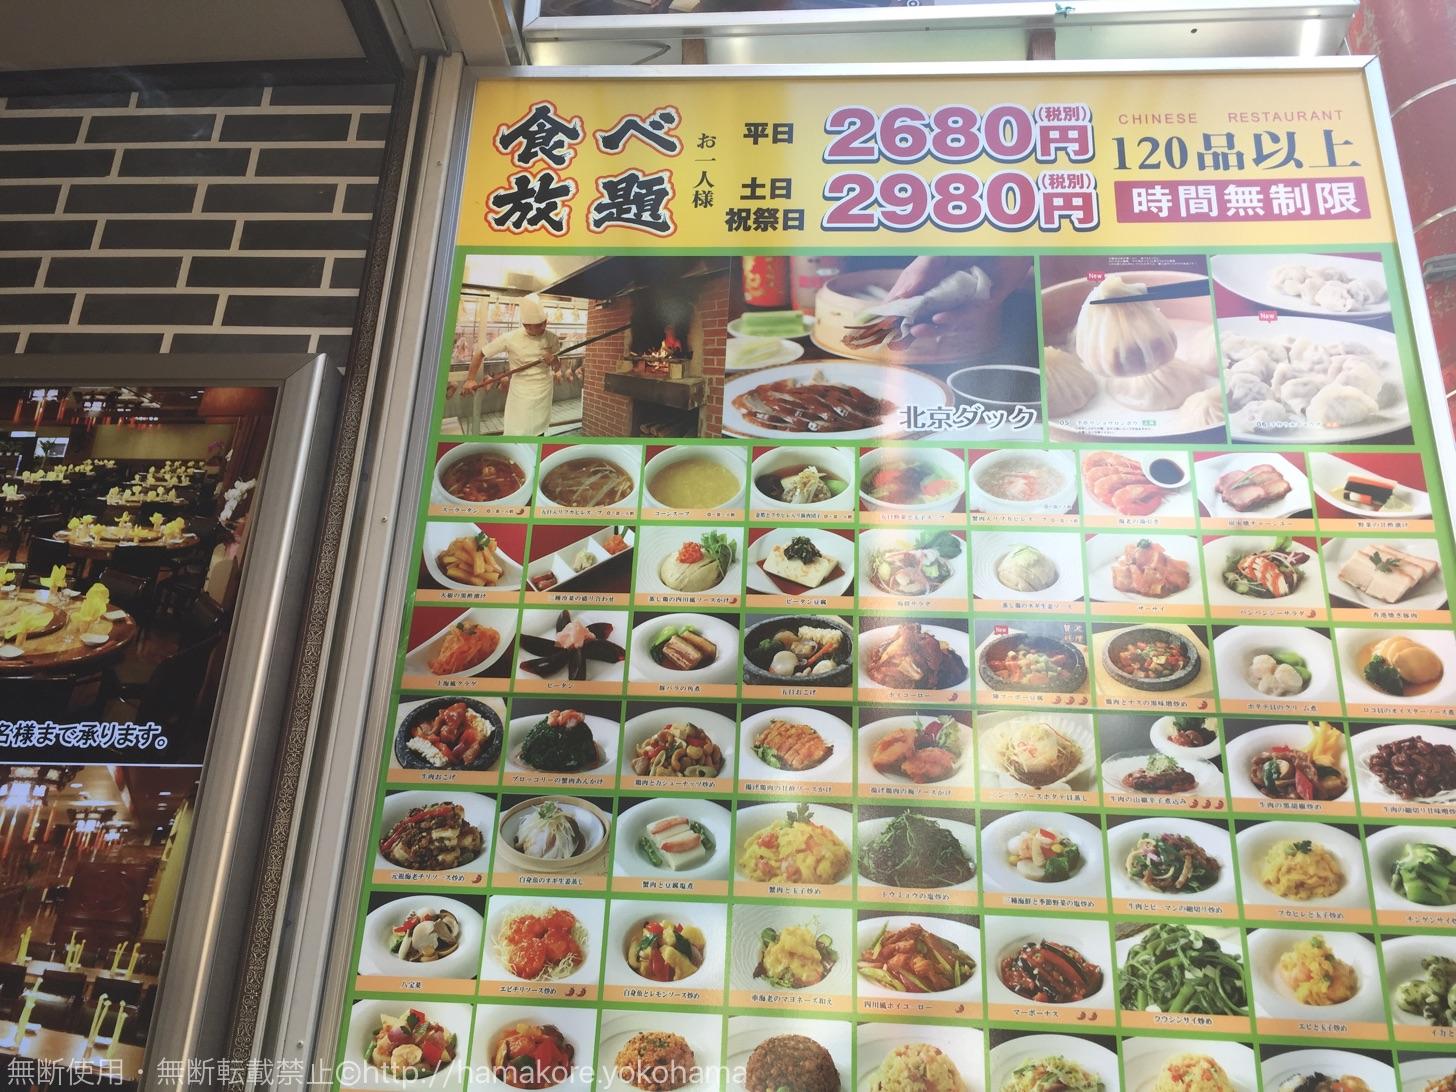 北京烤鴨店(北京カォヤーテン)の魅力